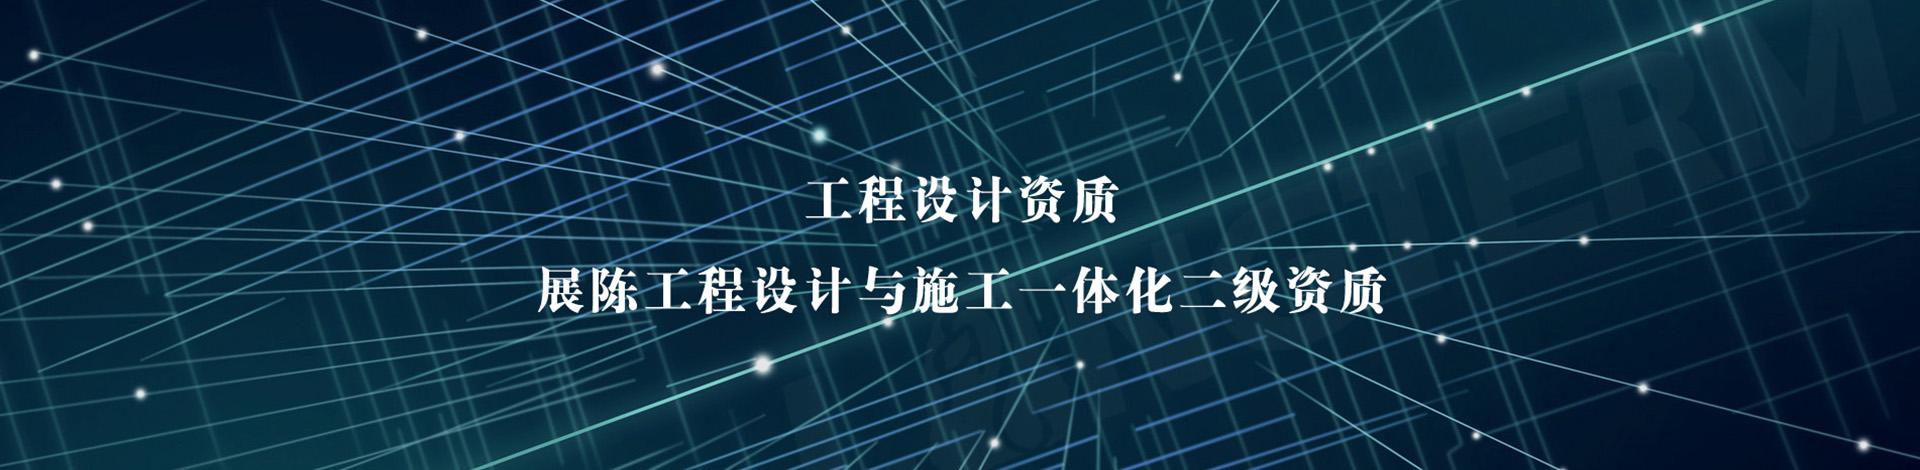 西安前呼后应信息科技有限公司